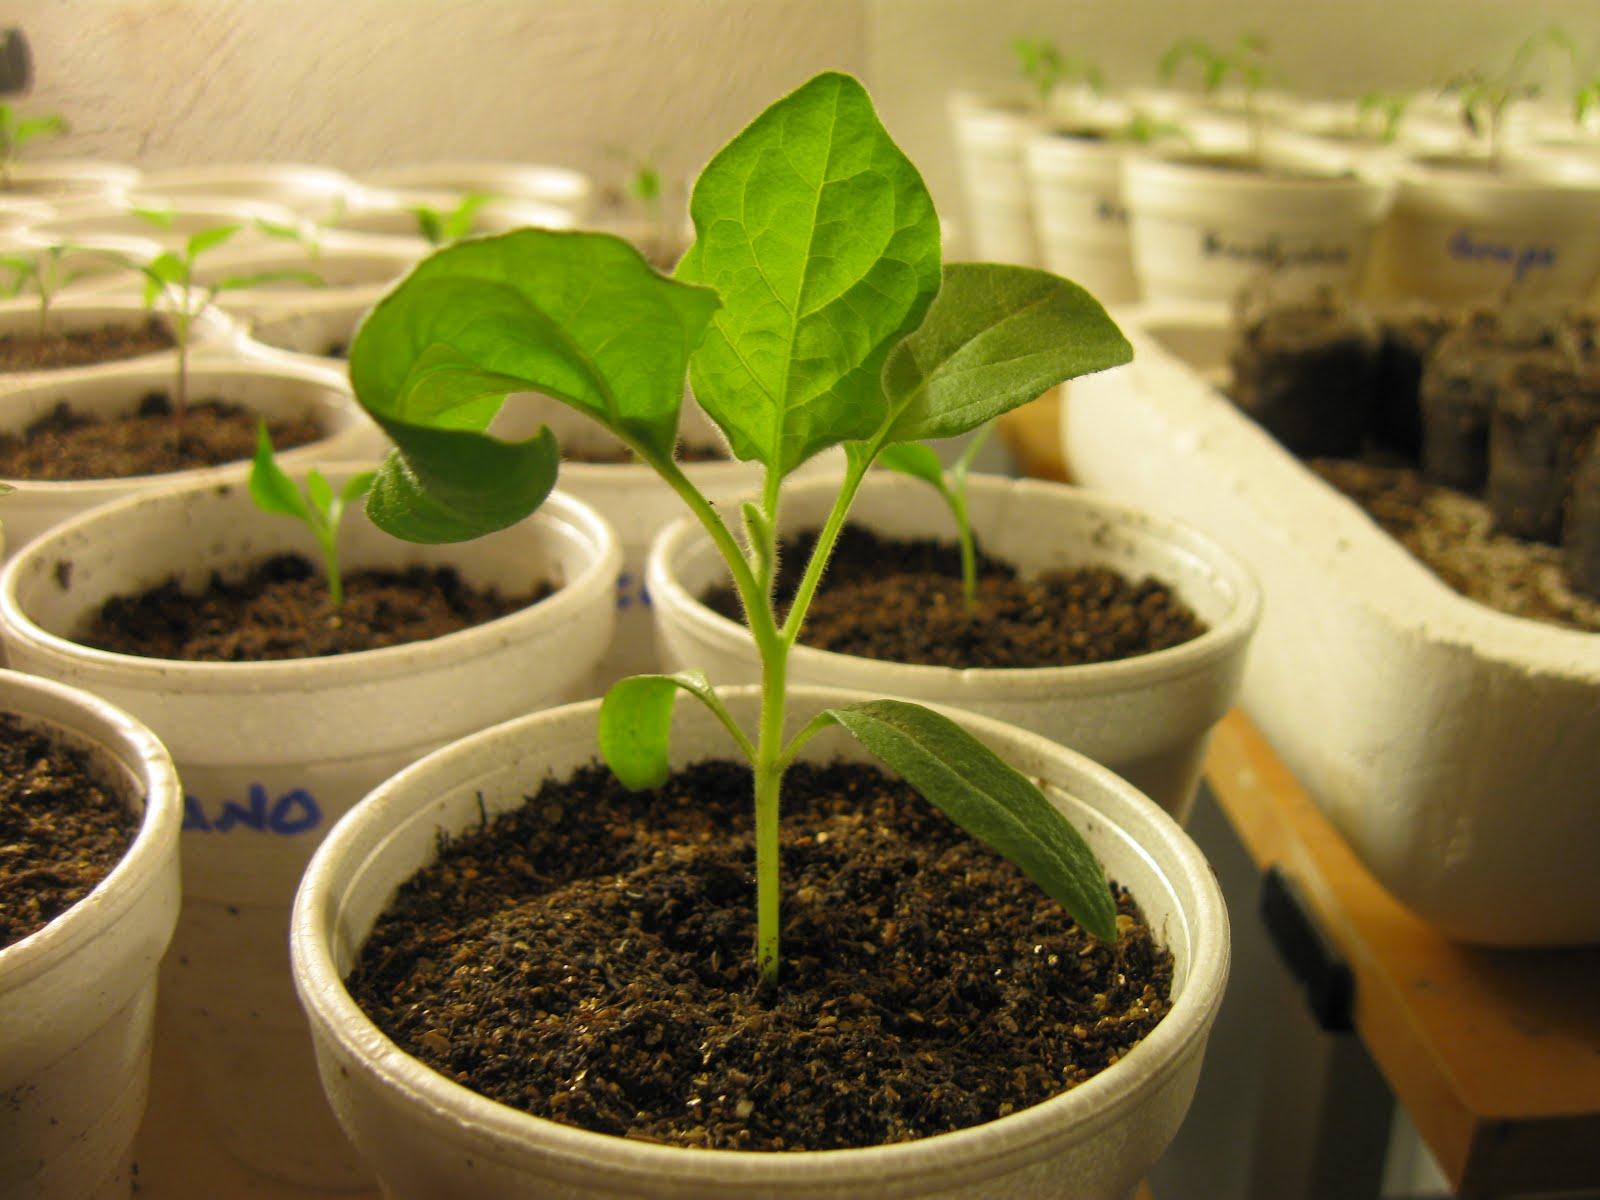 Выращиваем рассаду баклажанов из семян: секреты дачников 2